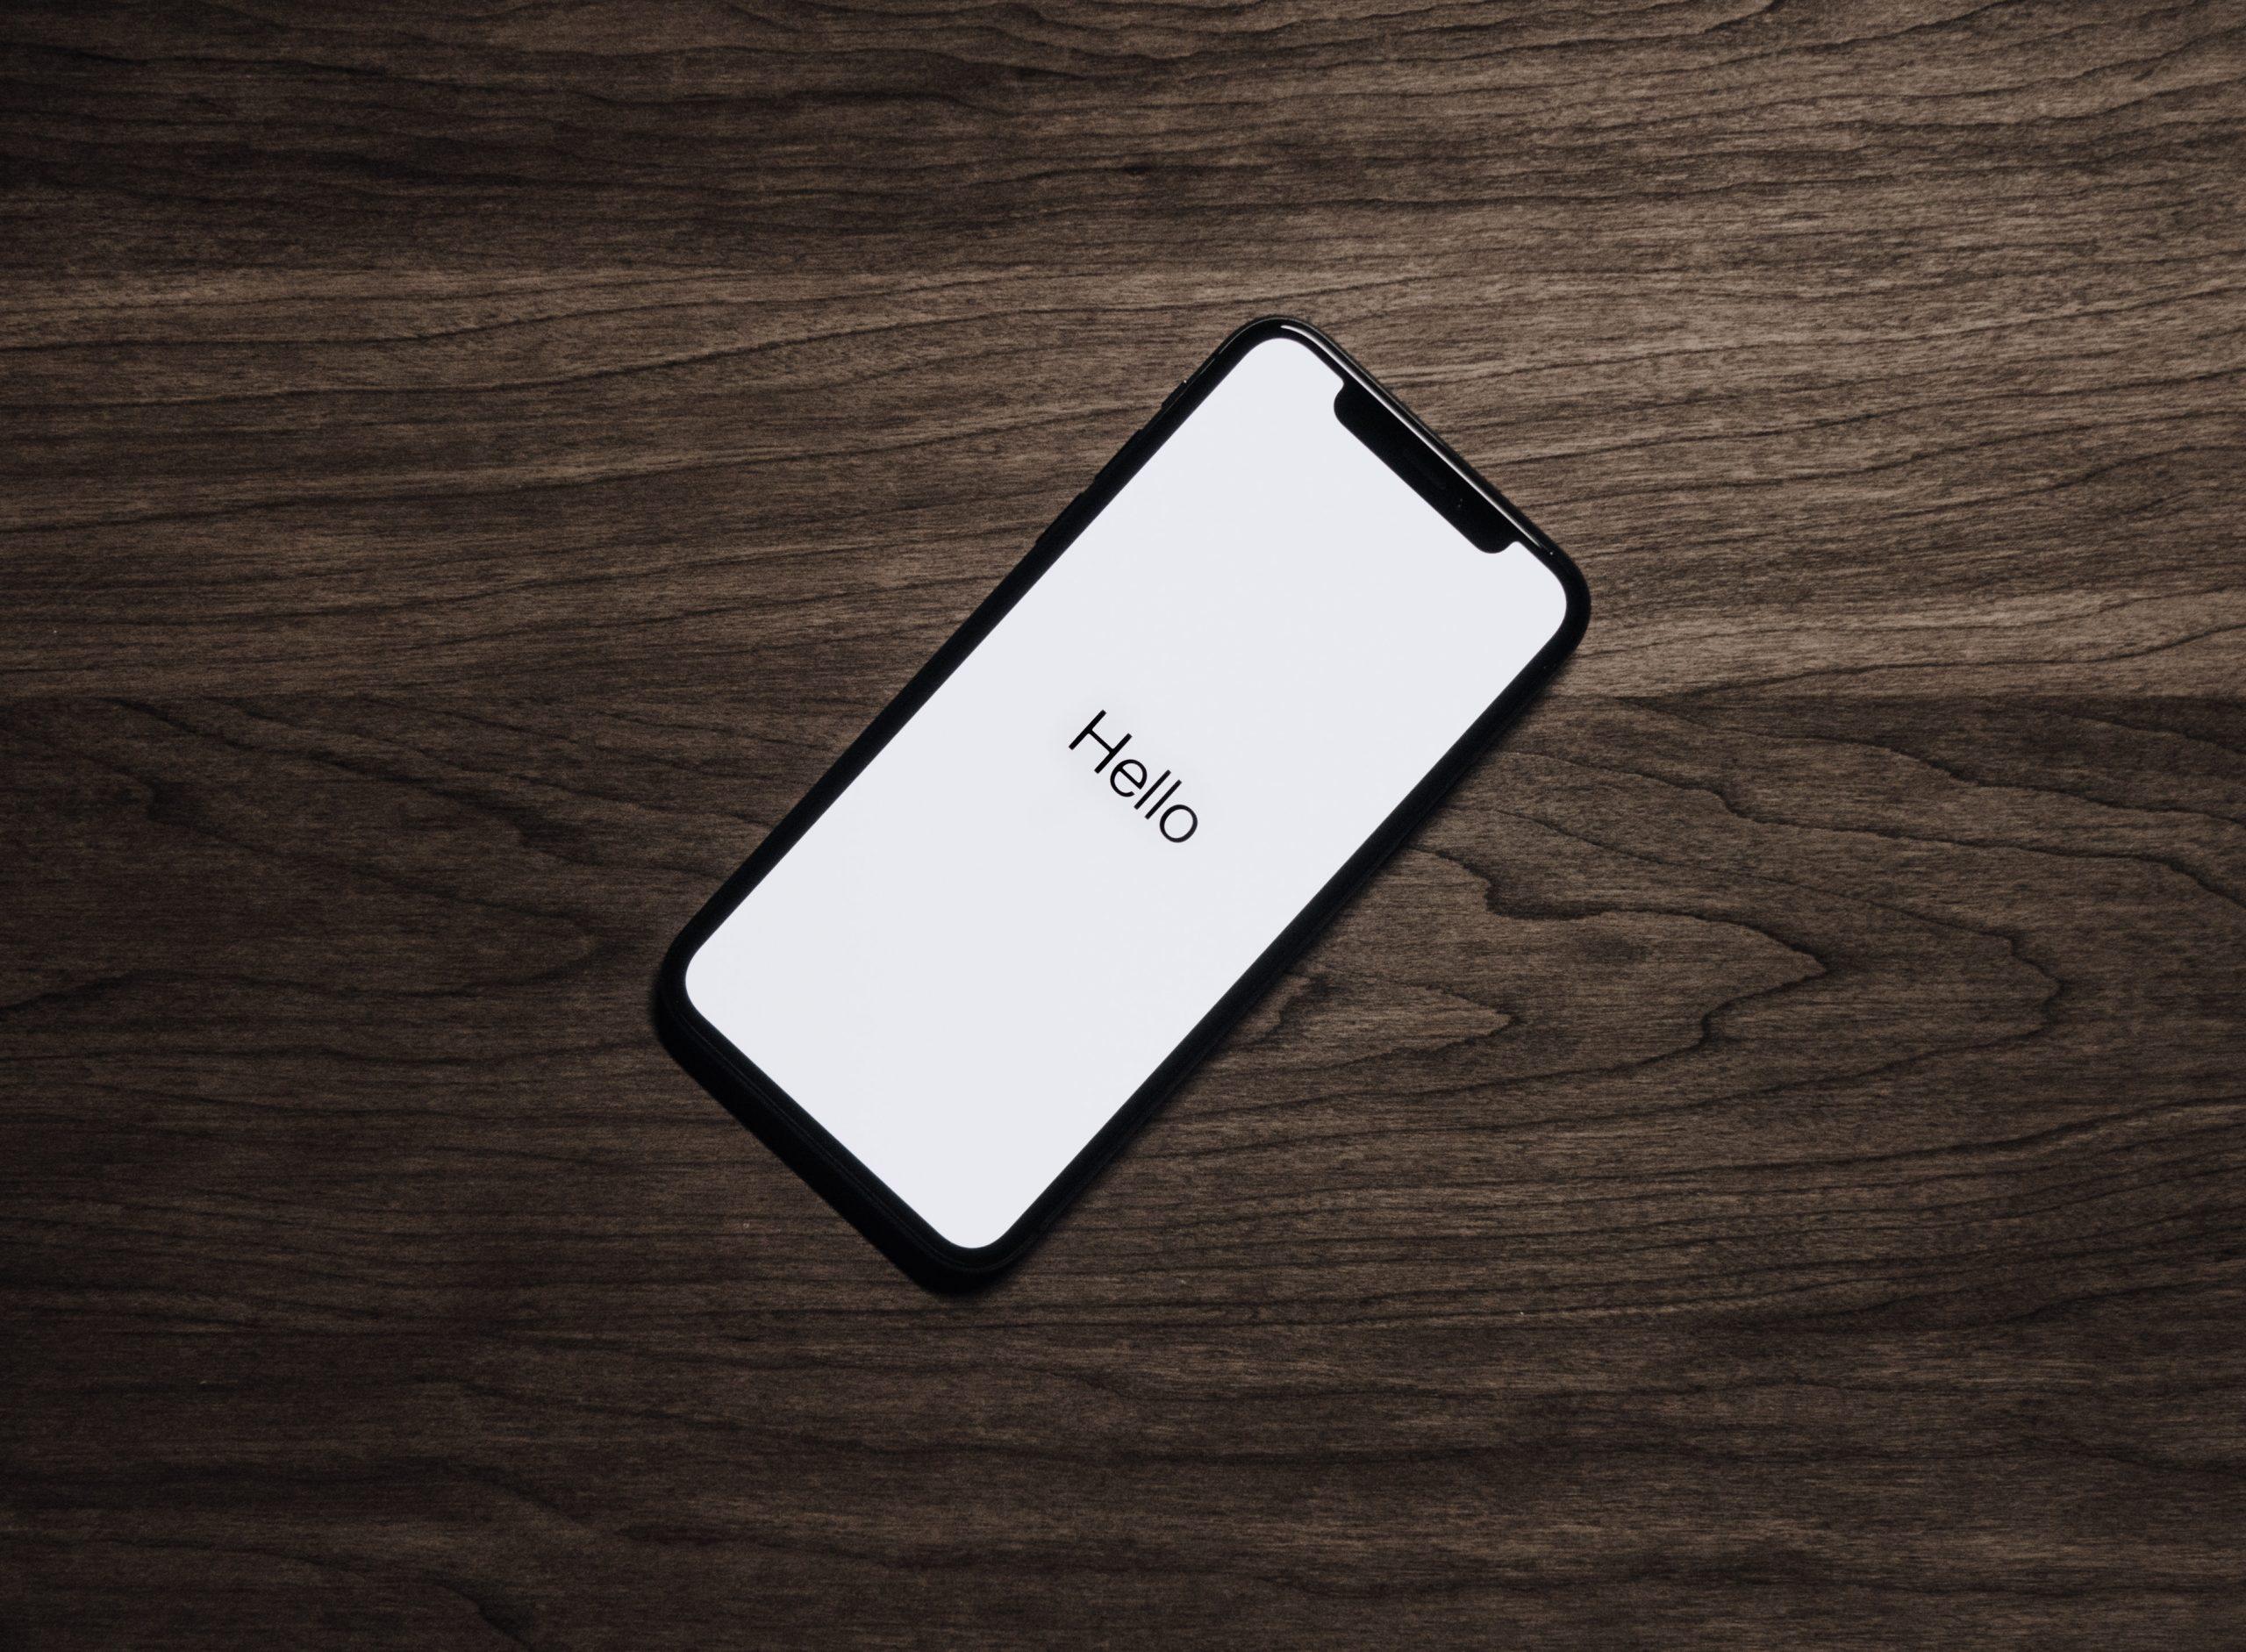 Imagem mostra um Iphone em sua tela inicial sobre uma mesa.